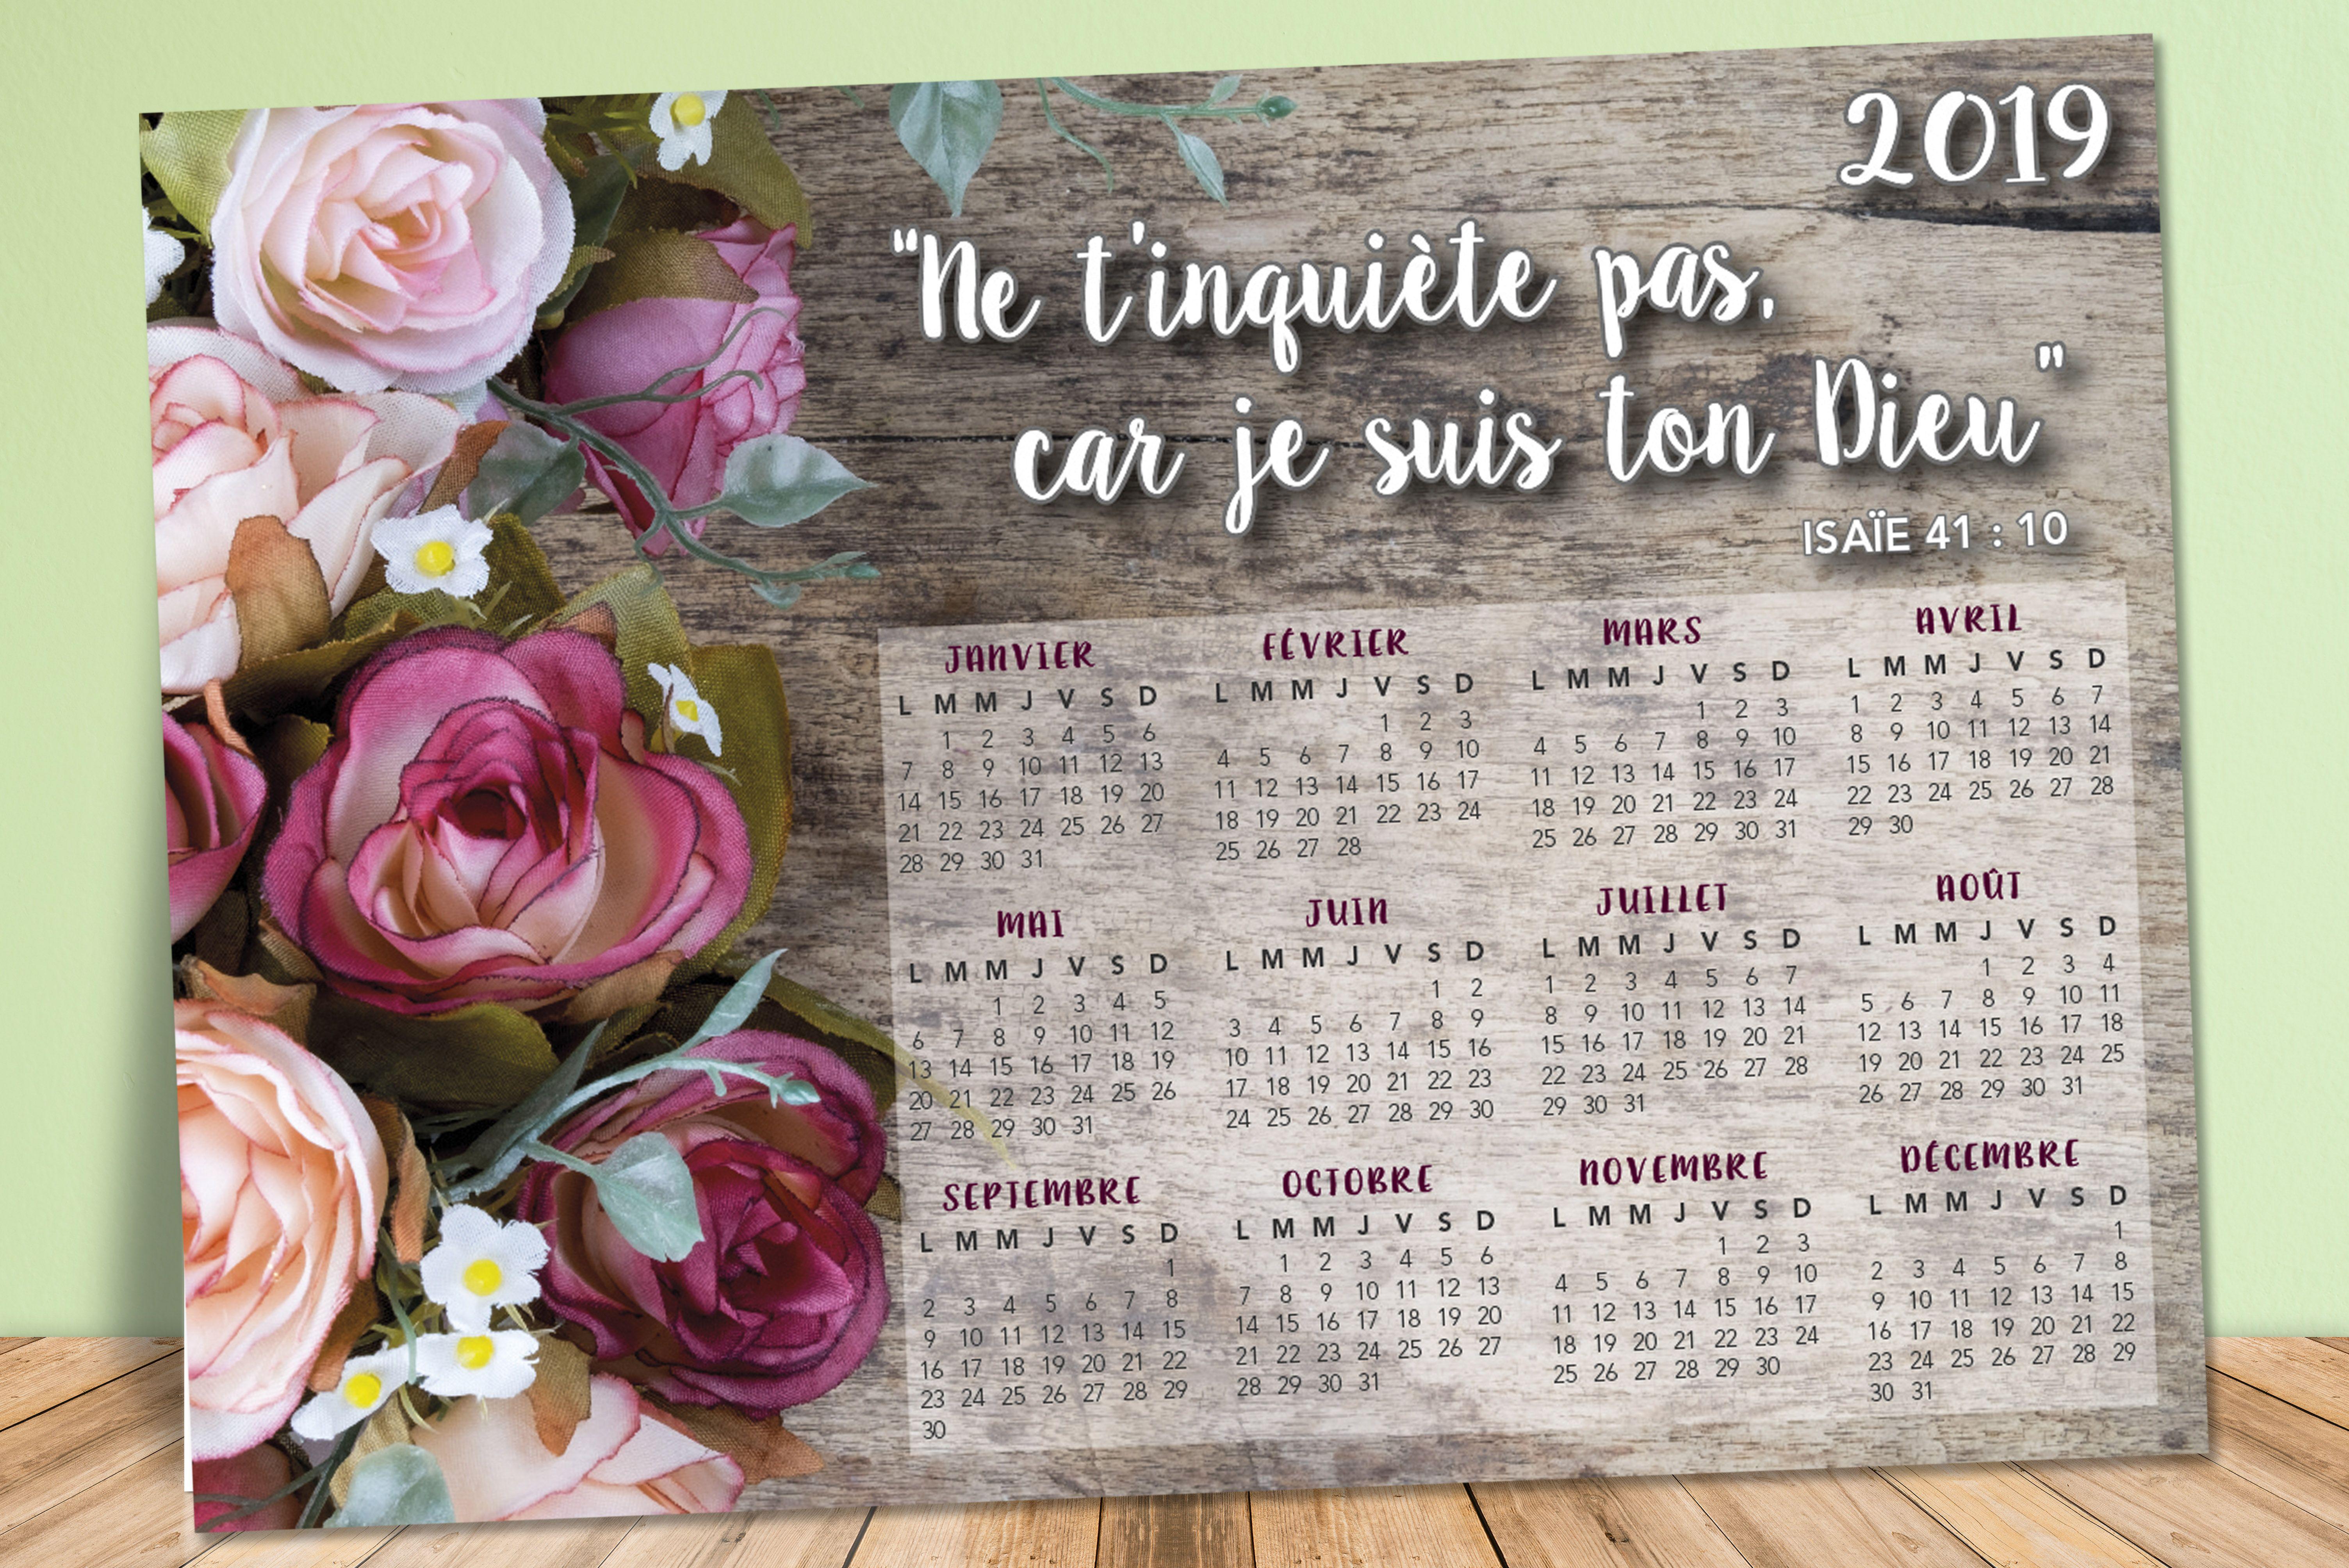 Calendrier 20.Calendrier 2019 Jw Avec Texte De L Annee Isaie 41 10 Ne T